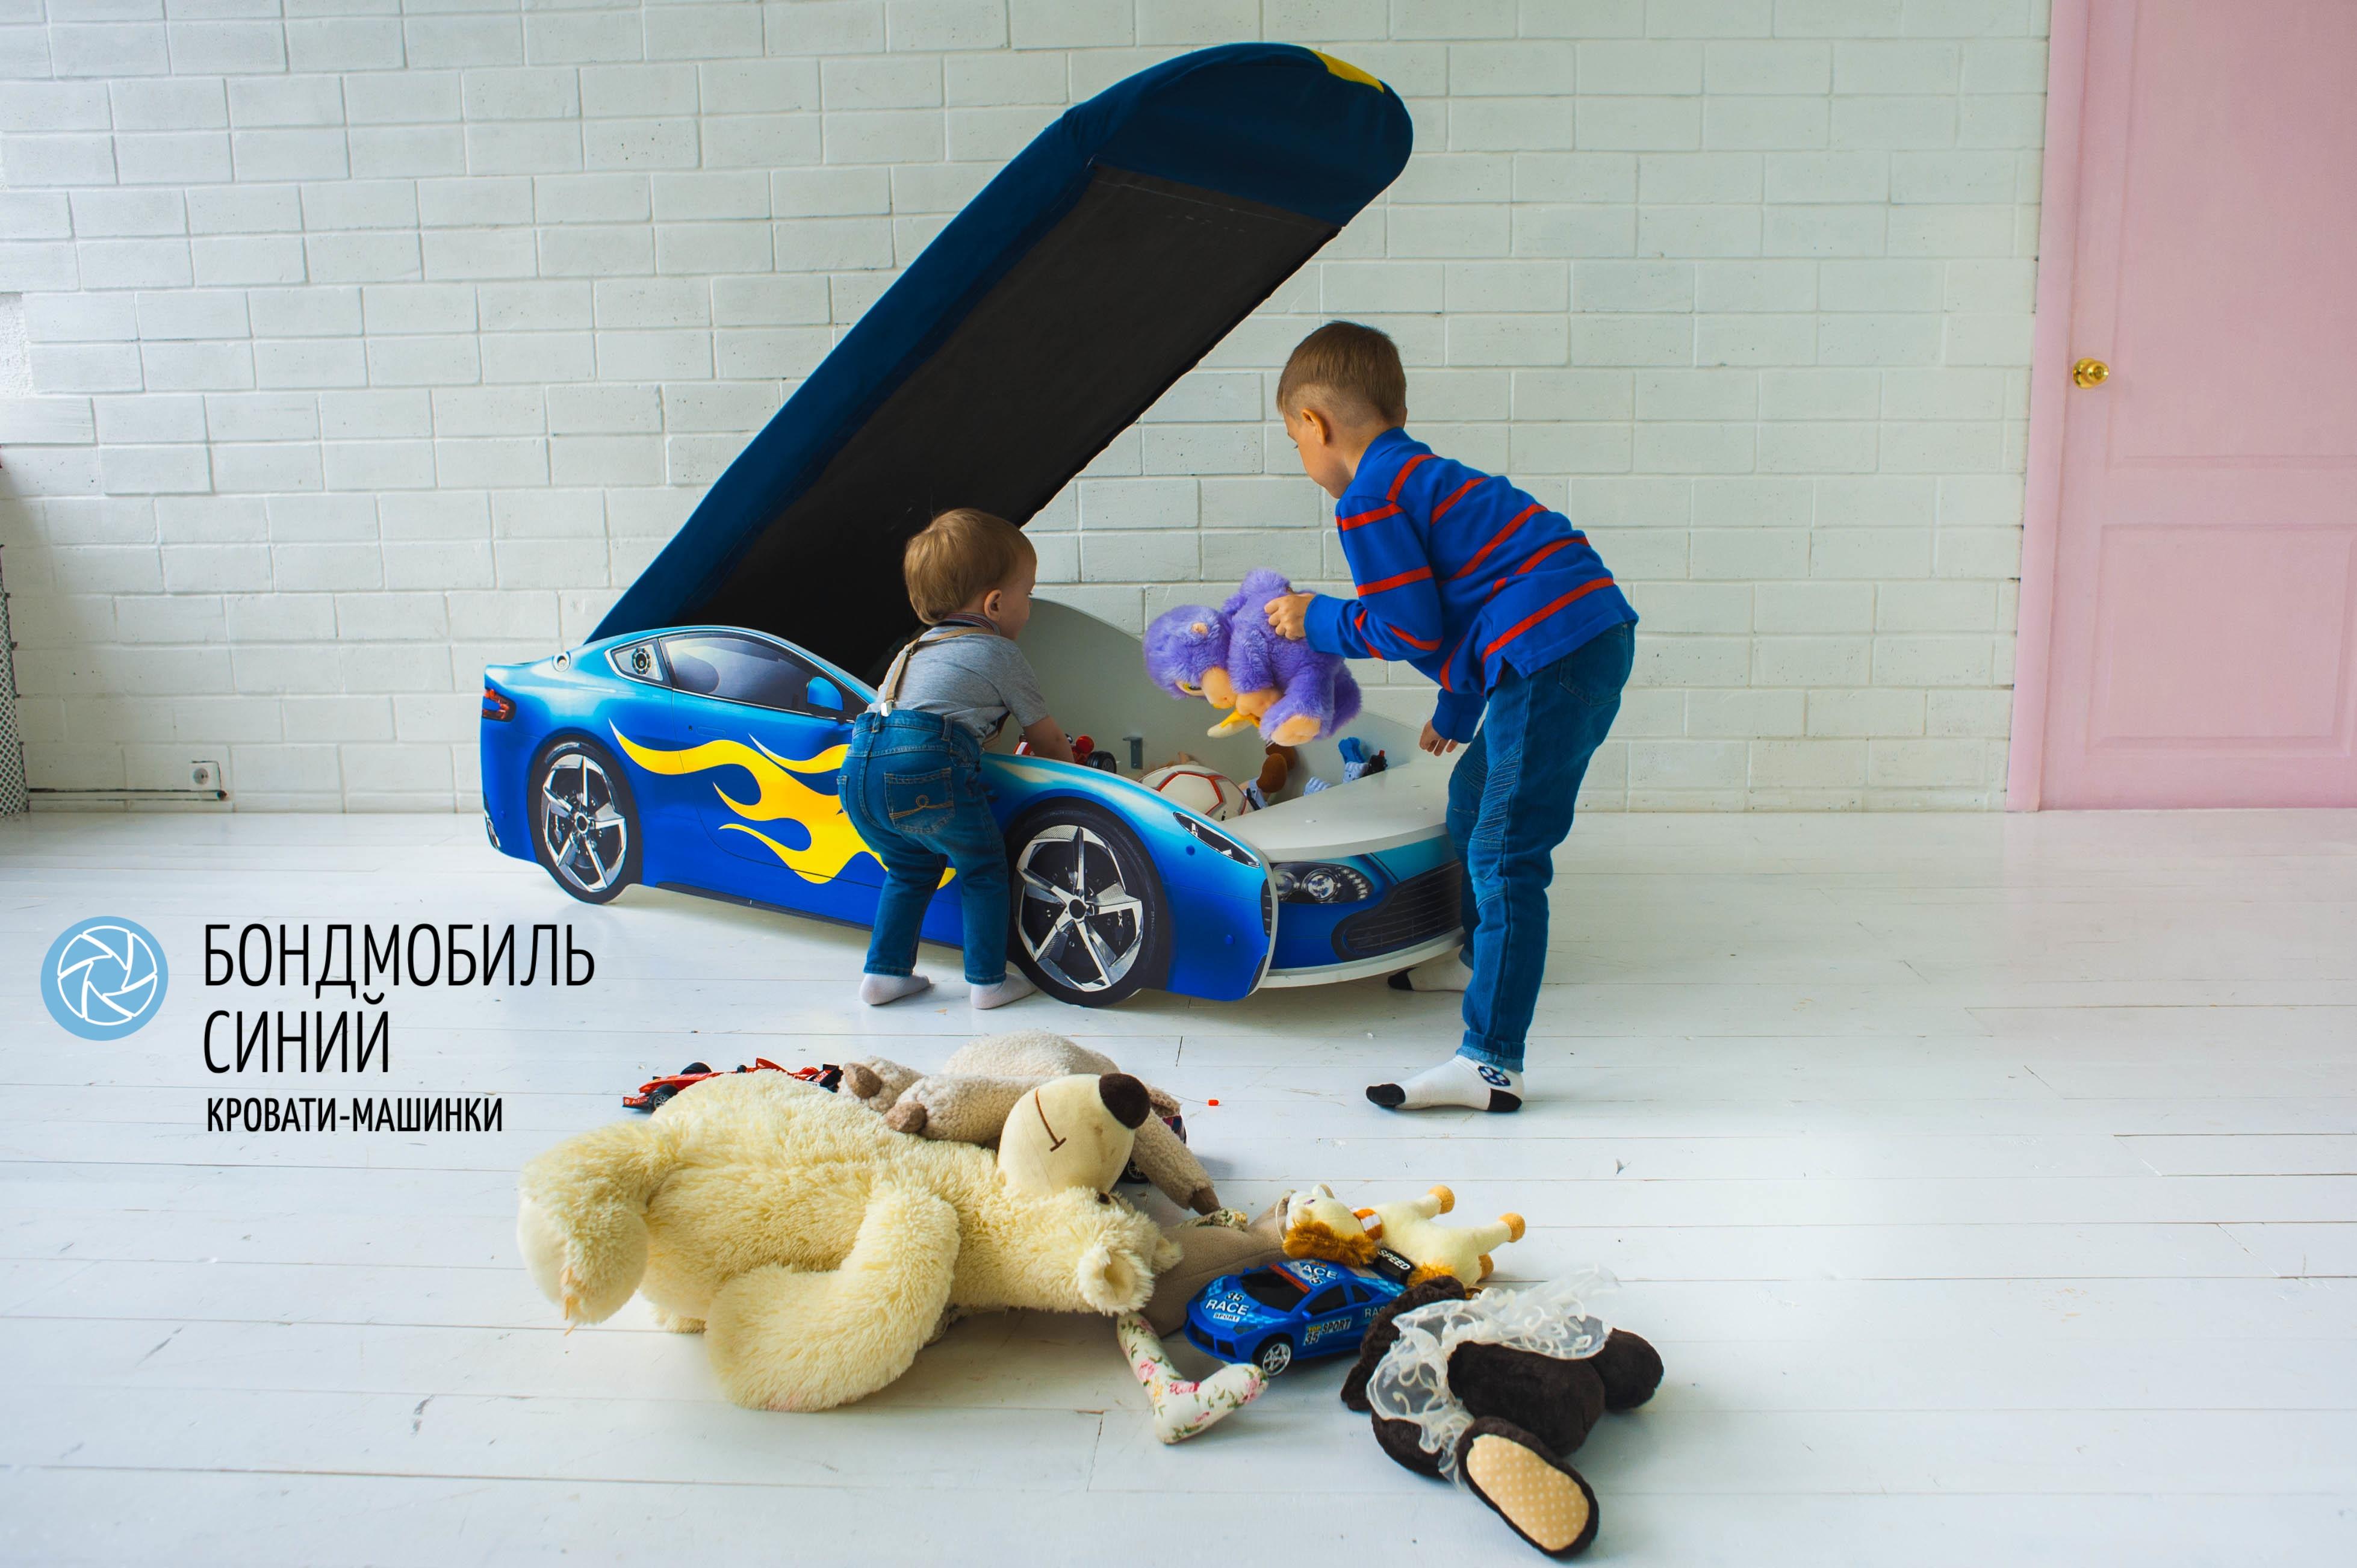 Детская кровать-машина синий -Бондмобиль-13